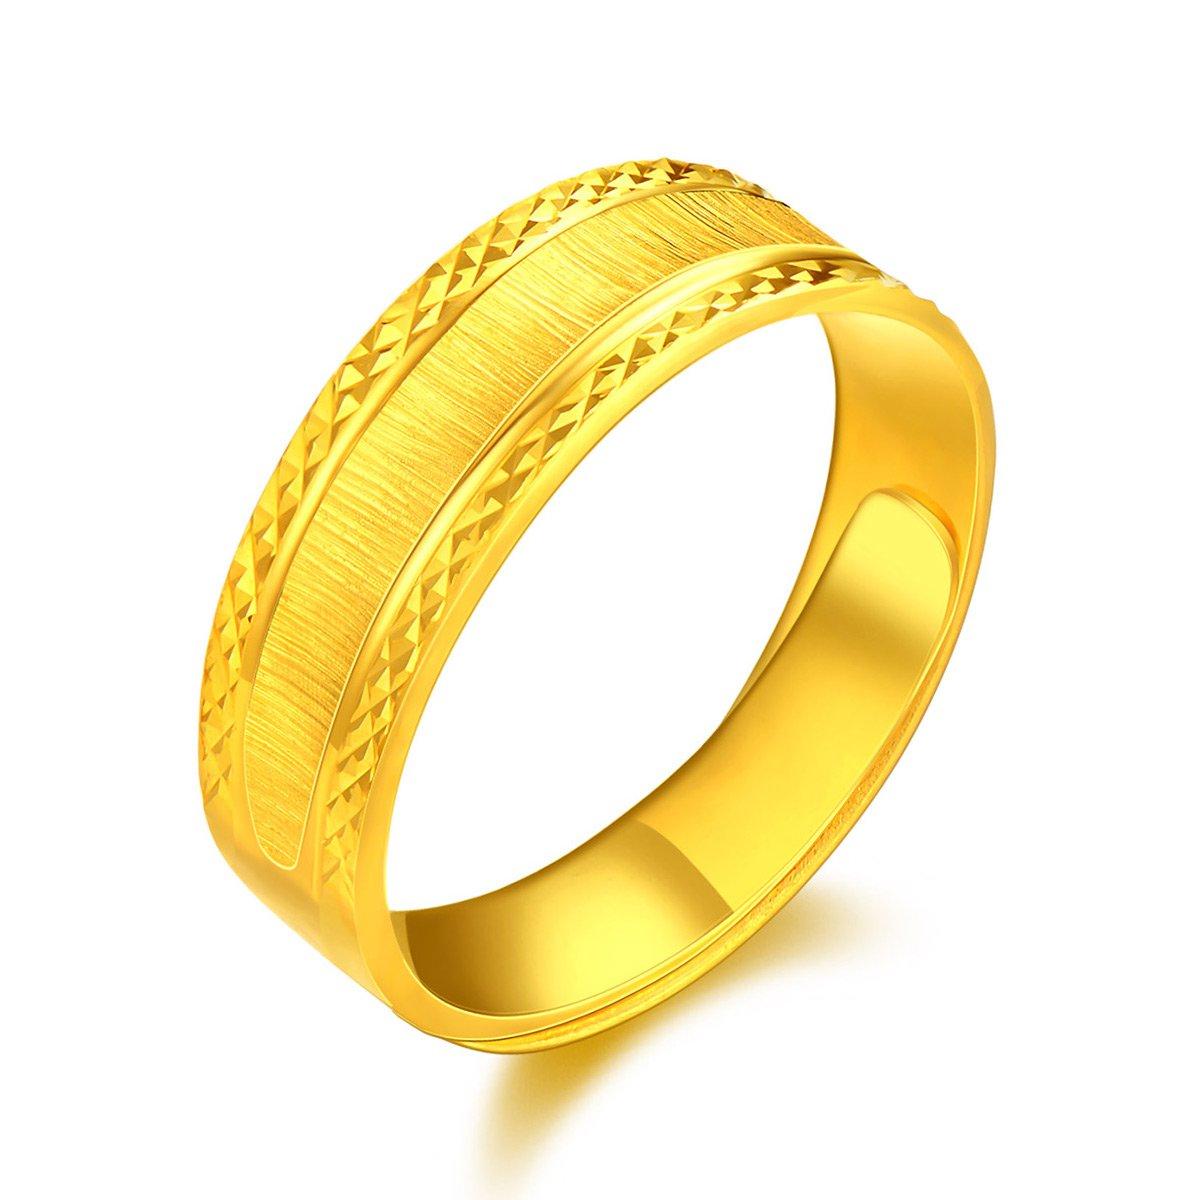 中国黄金足金黄金戒指简约满天星足金戒指开口男戒精品计价ZGHJJZ1768